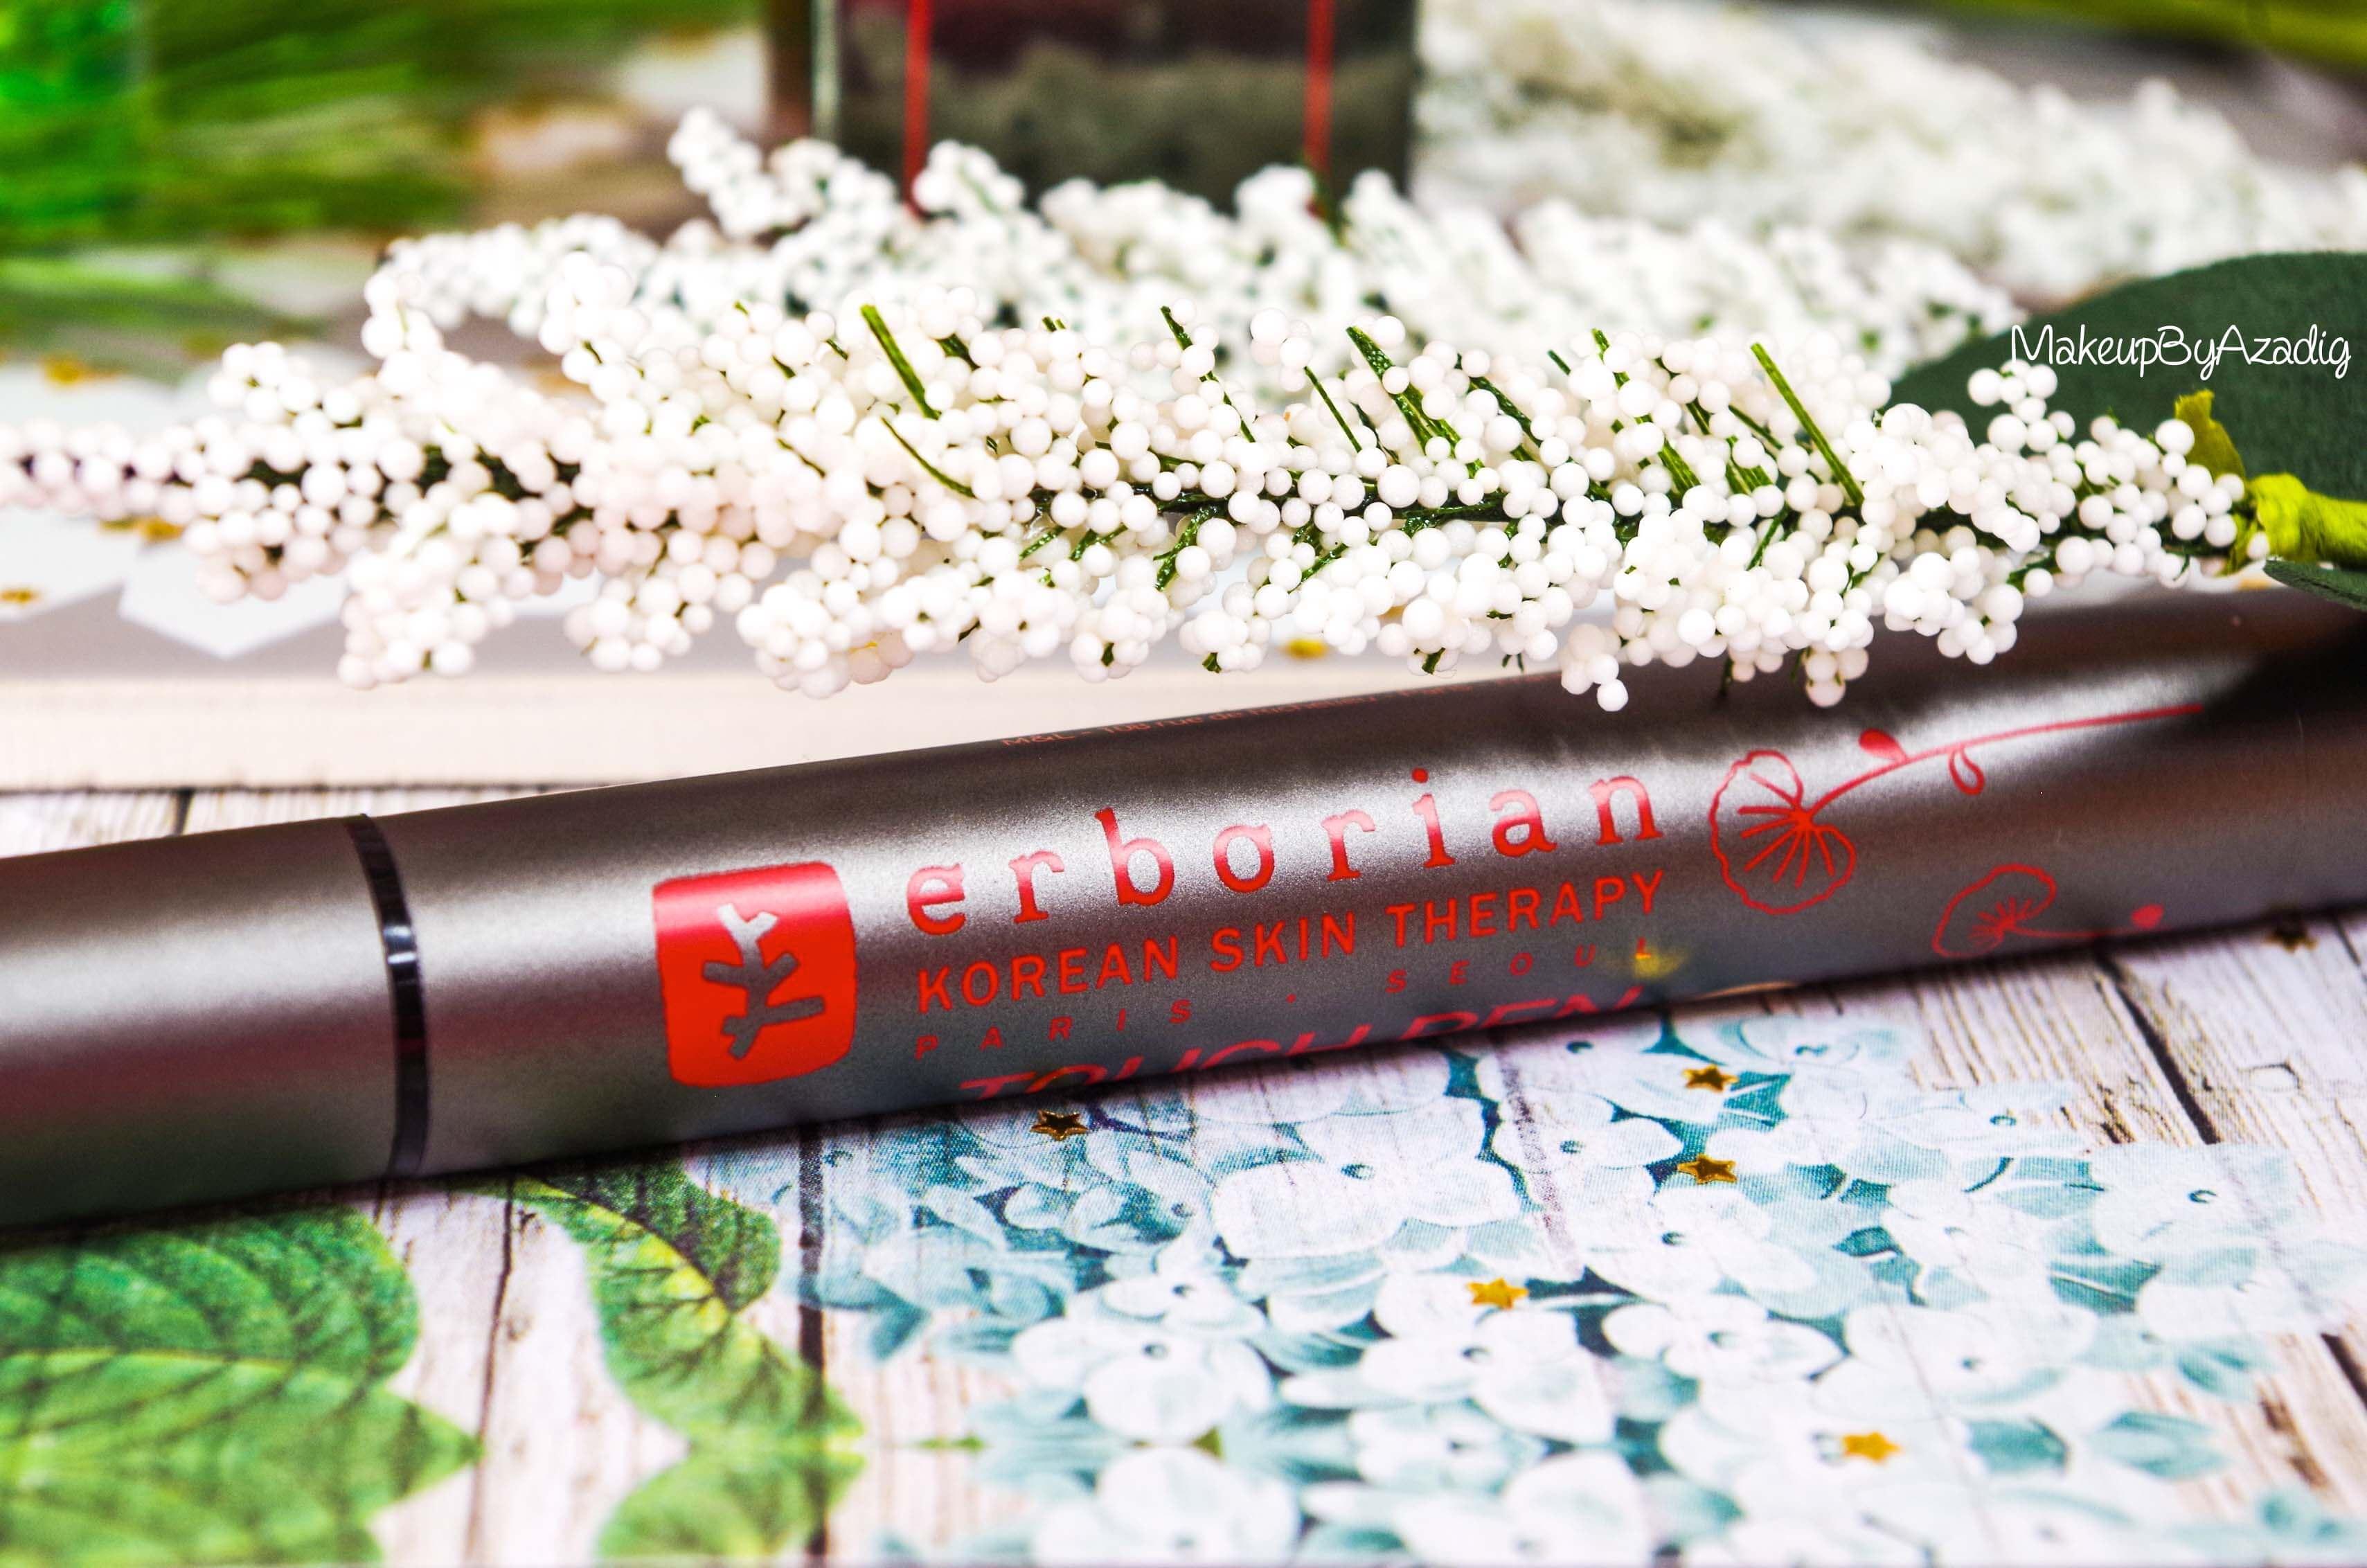 revue-nouveaute-erborian-touch-pen-zones-de-lumiere-visage-makeupbyazadig-prix